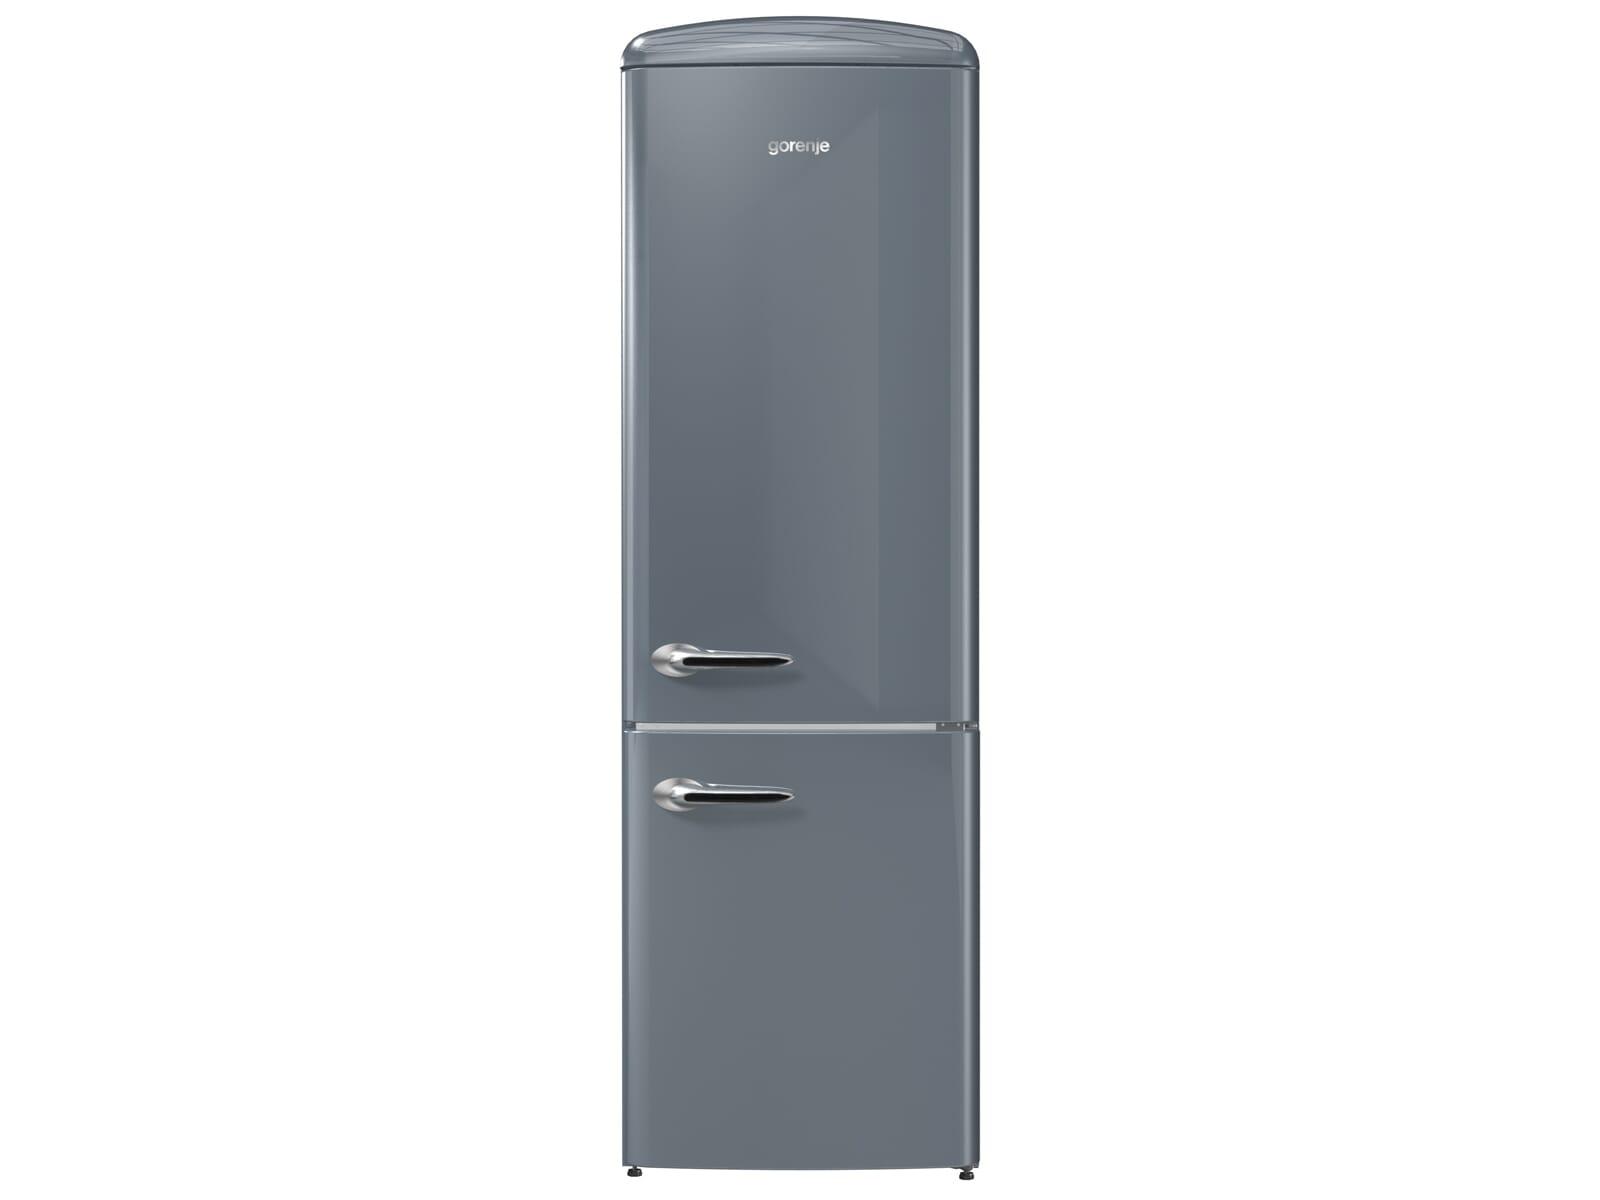 Amica Kühlschrank Türanschlag Wechseln : Gorenje kühlschrank tür wechseln gorenje rbi aw einbau